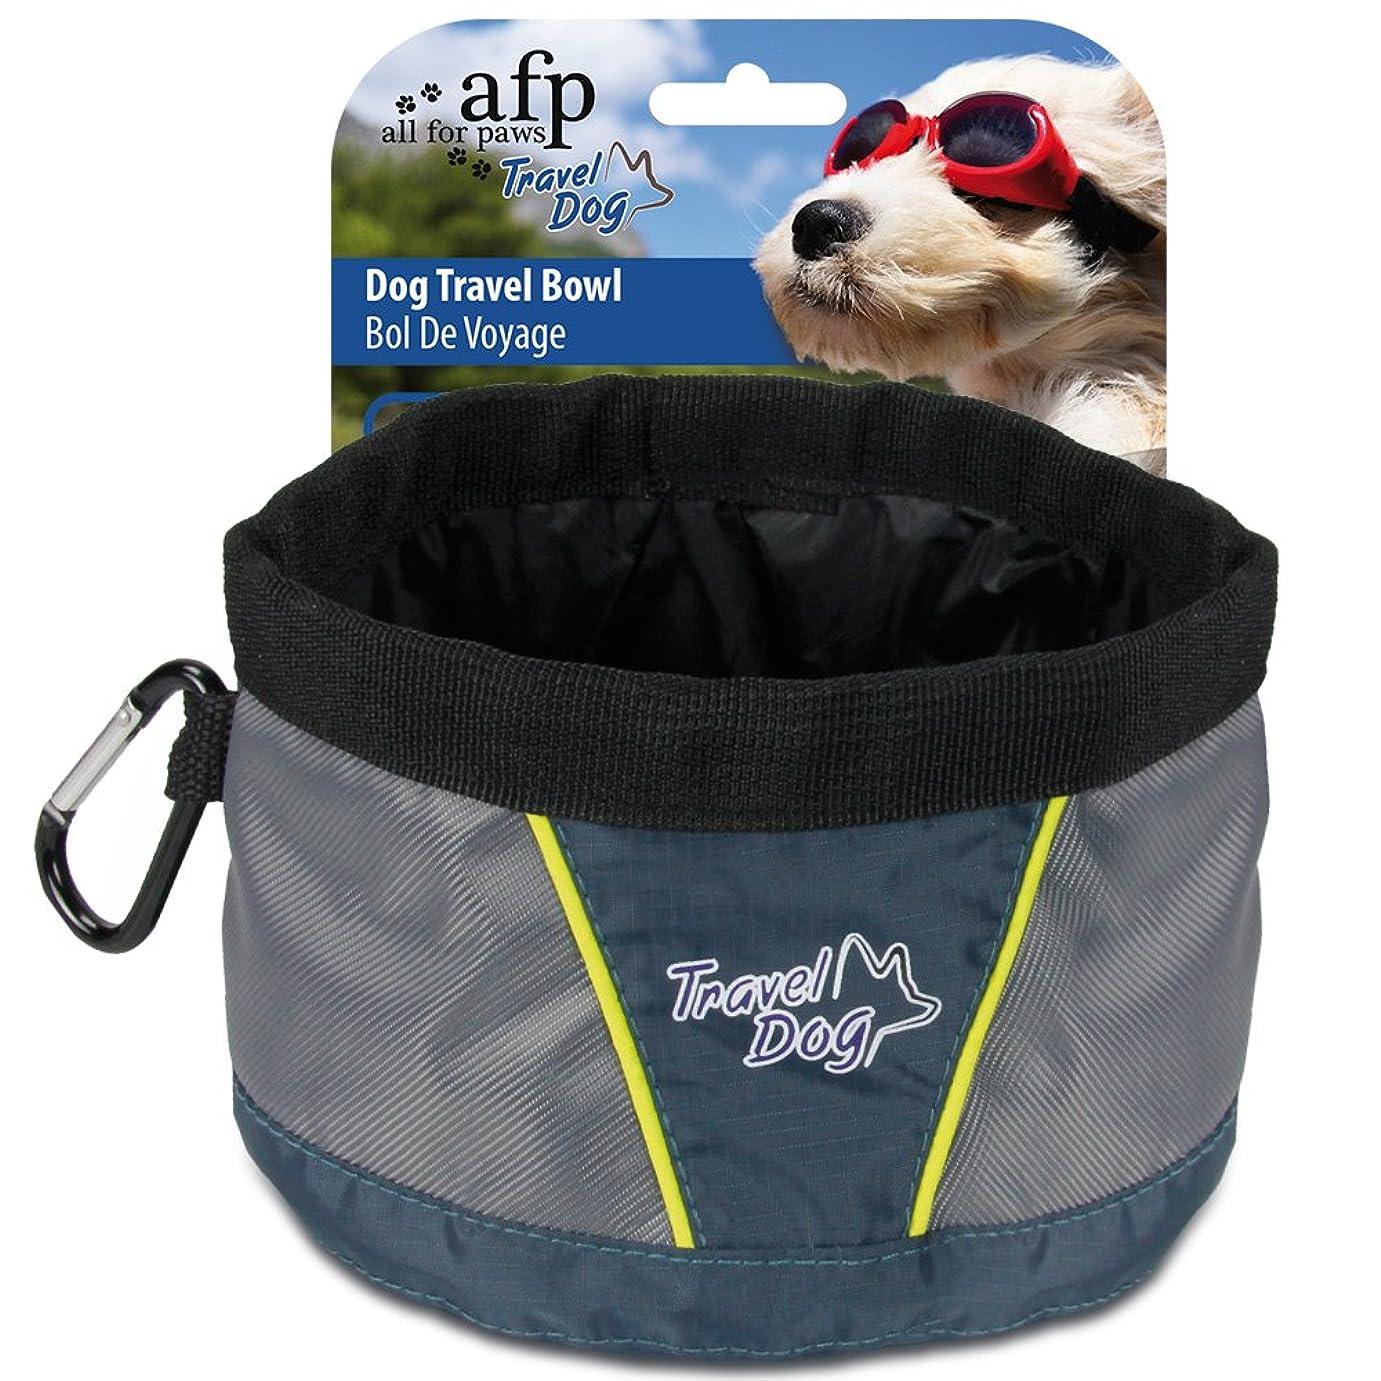 ダーツに変わる急襲Afp 旅行用犬用ボウル 折りたたみ式 ポータブルボウル 食べ物または水の餌やりに